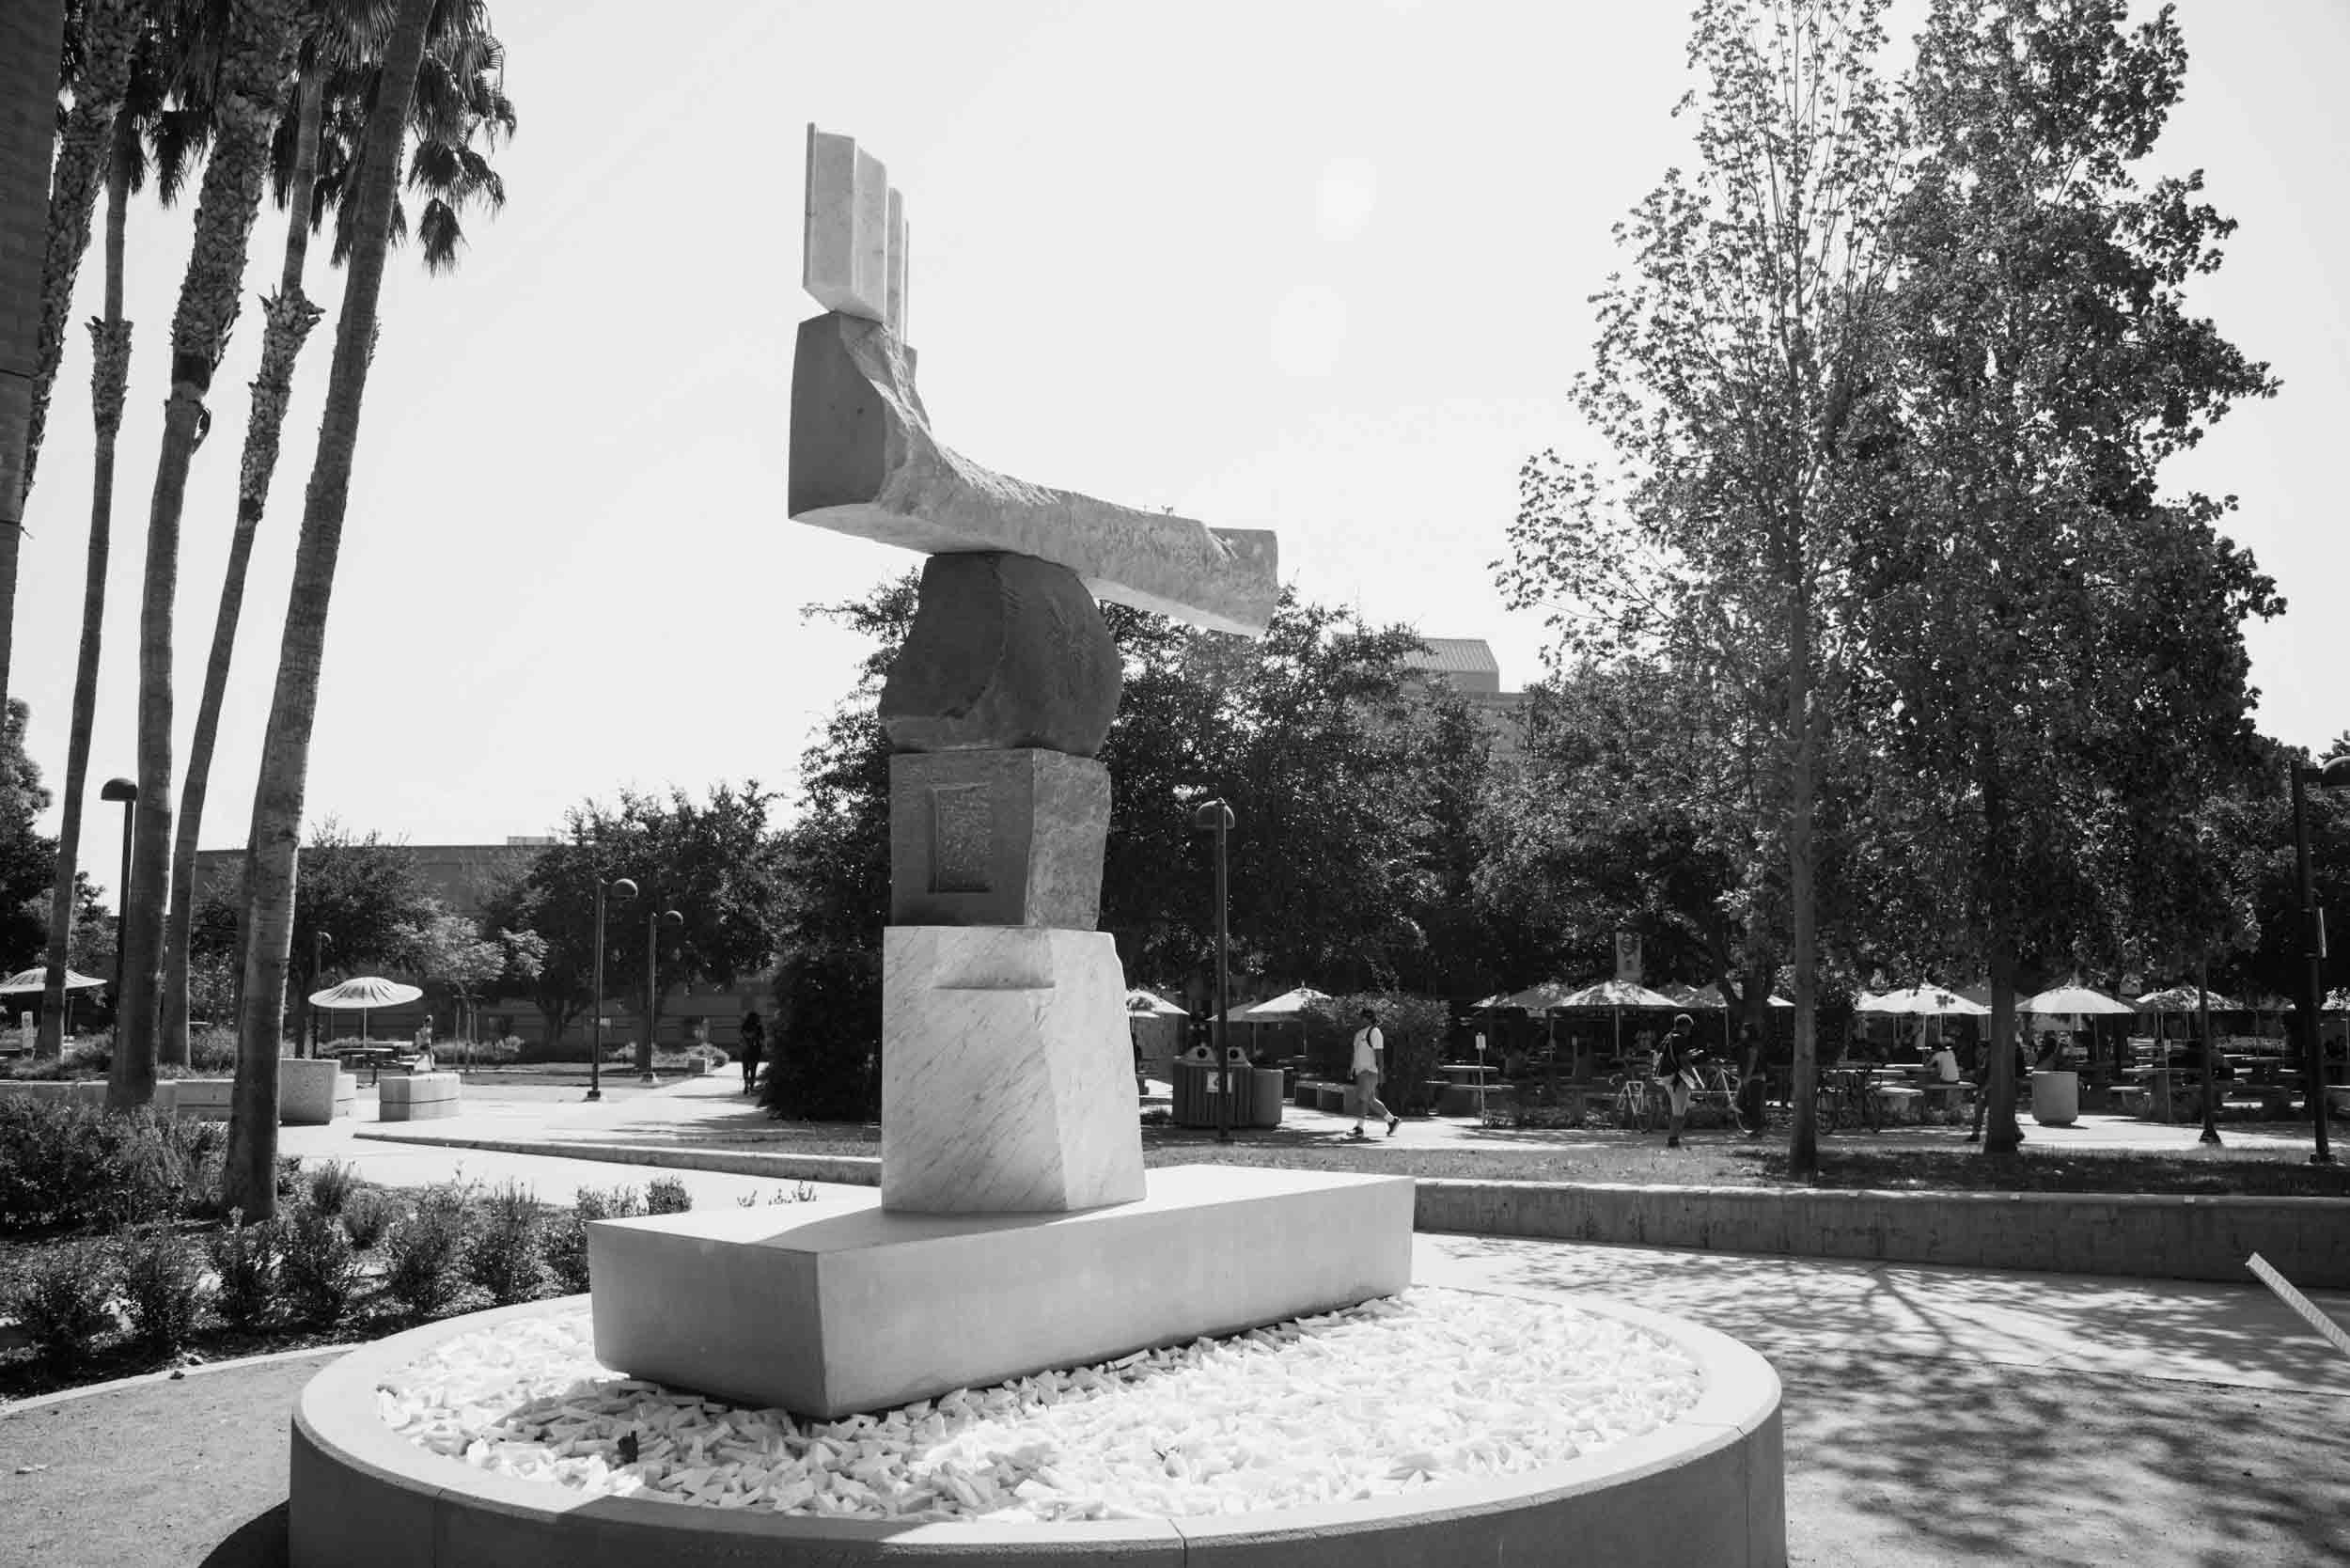 Sorarya-Nazarian-Sculpture-32.jpg